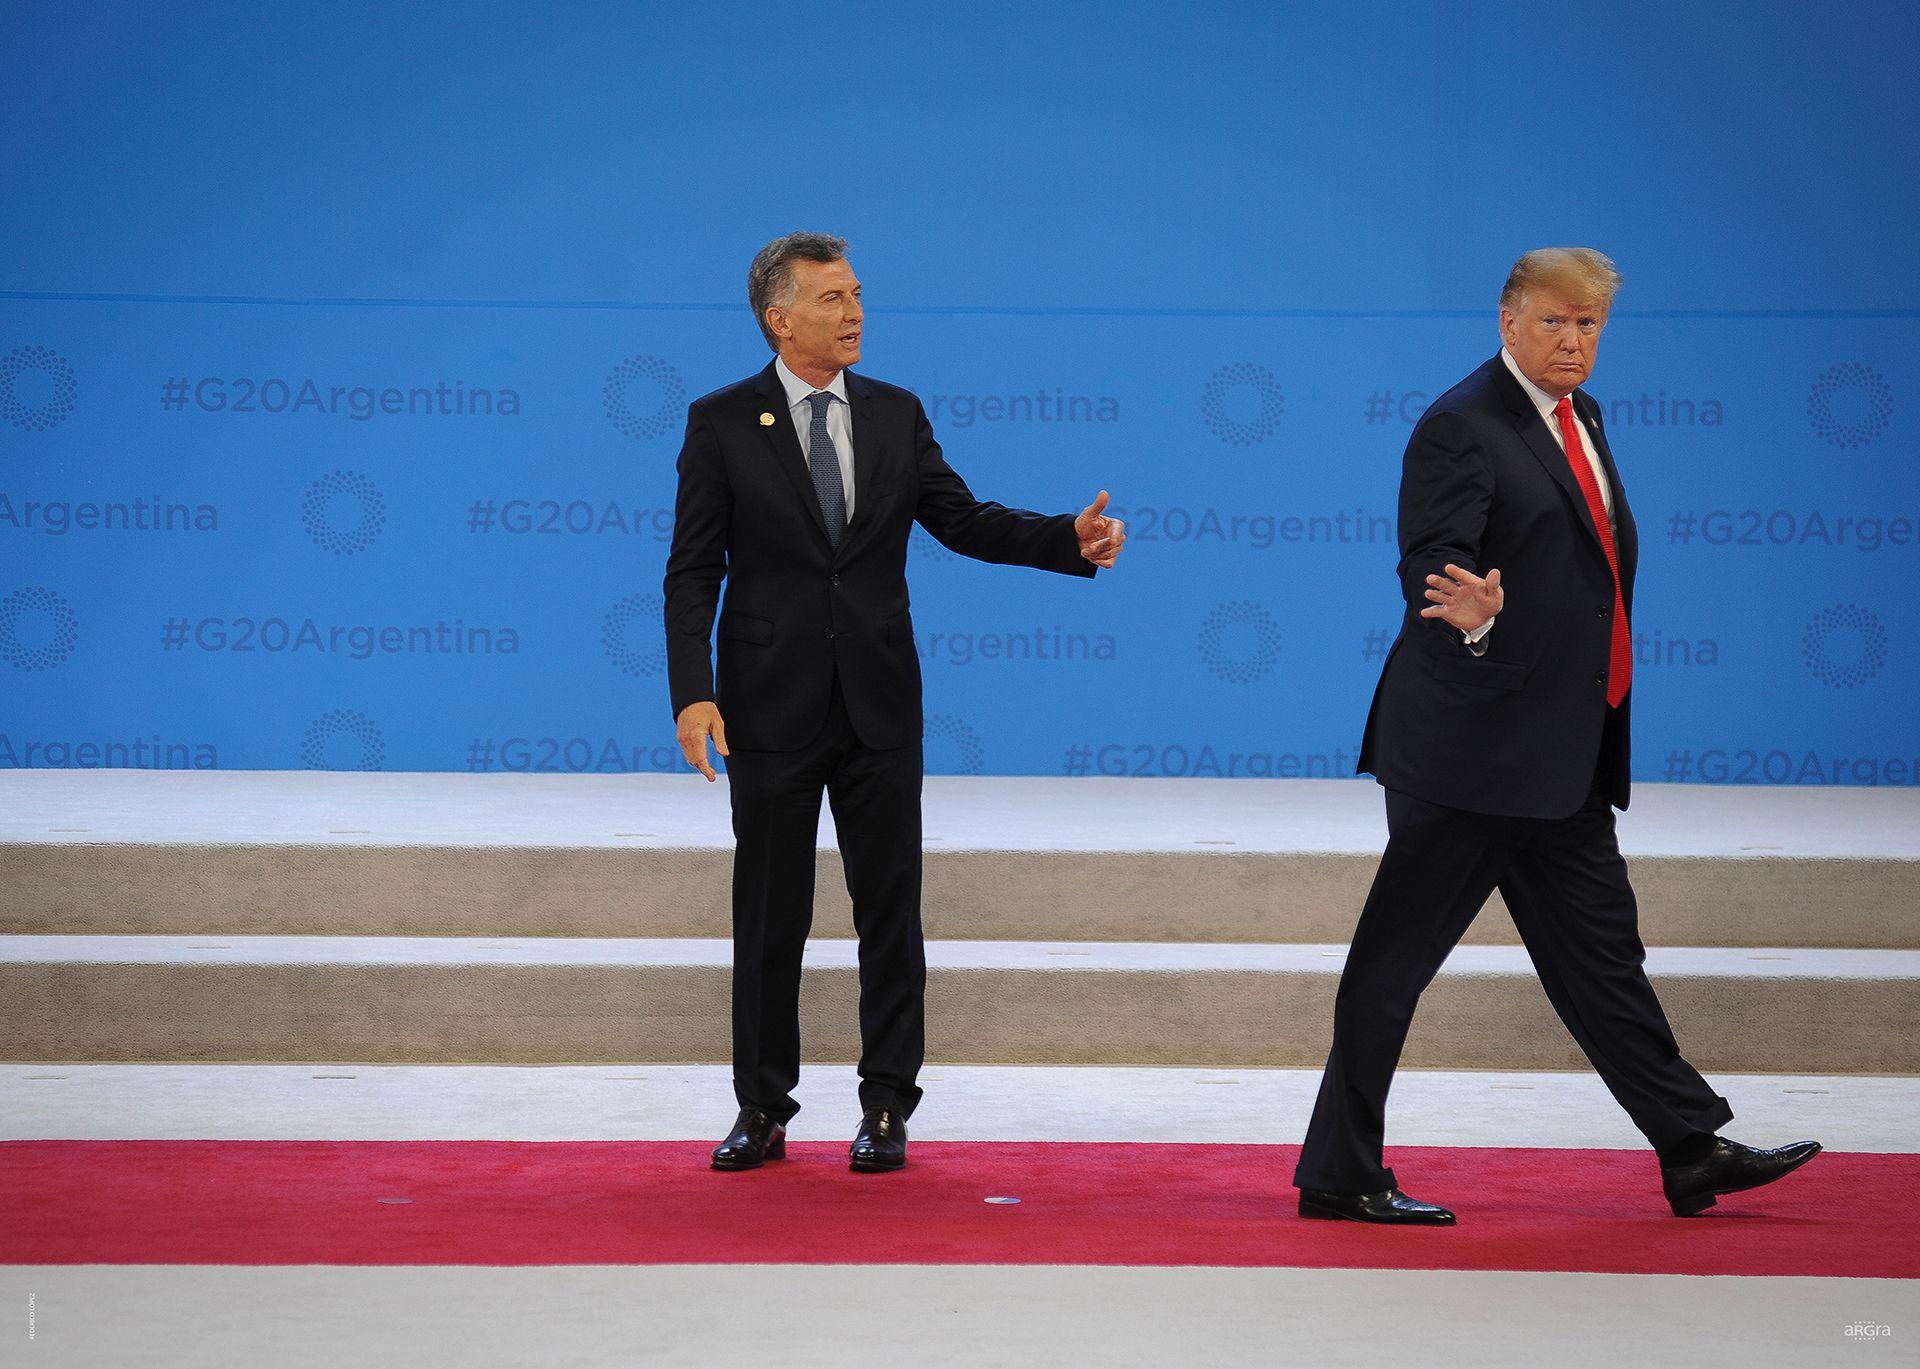 FEDERICO LÓPEZ. CABA. 30 de Noviembre 2018. El presidente Mauricio Macri intenta detener al presidente Donald Trump luego del saludo protocolar durante la Cumbre del G-20